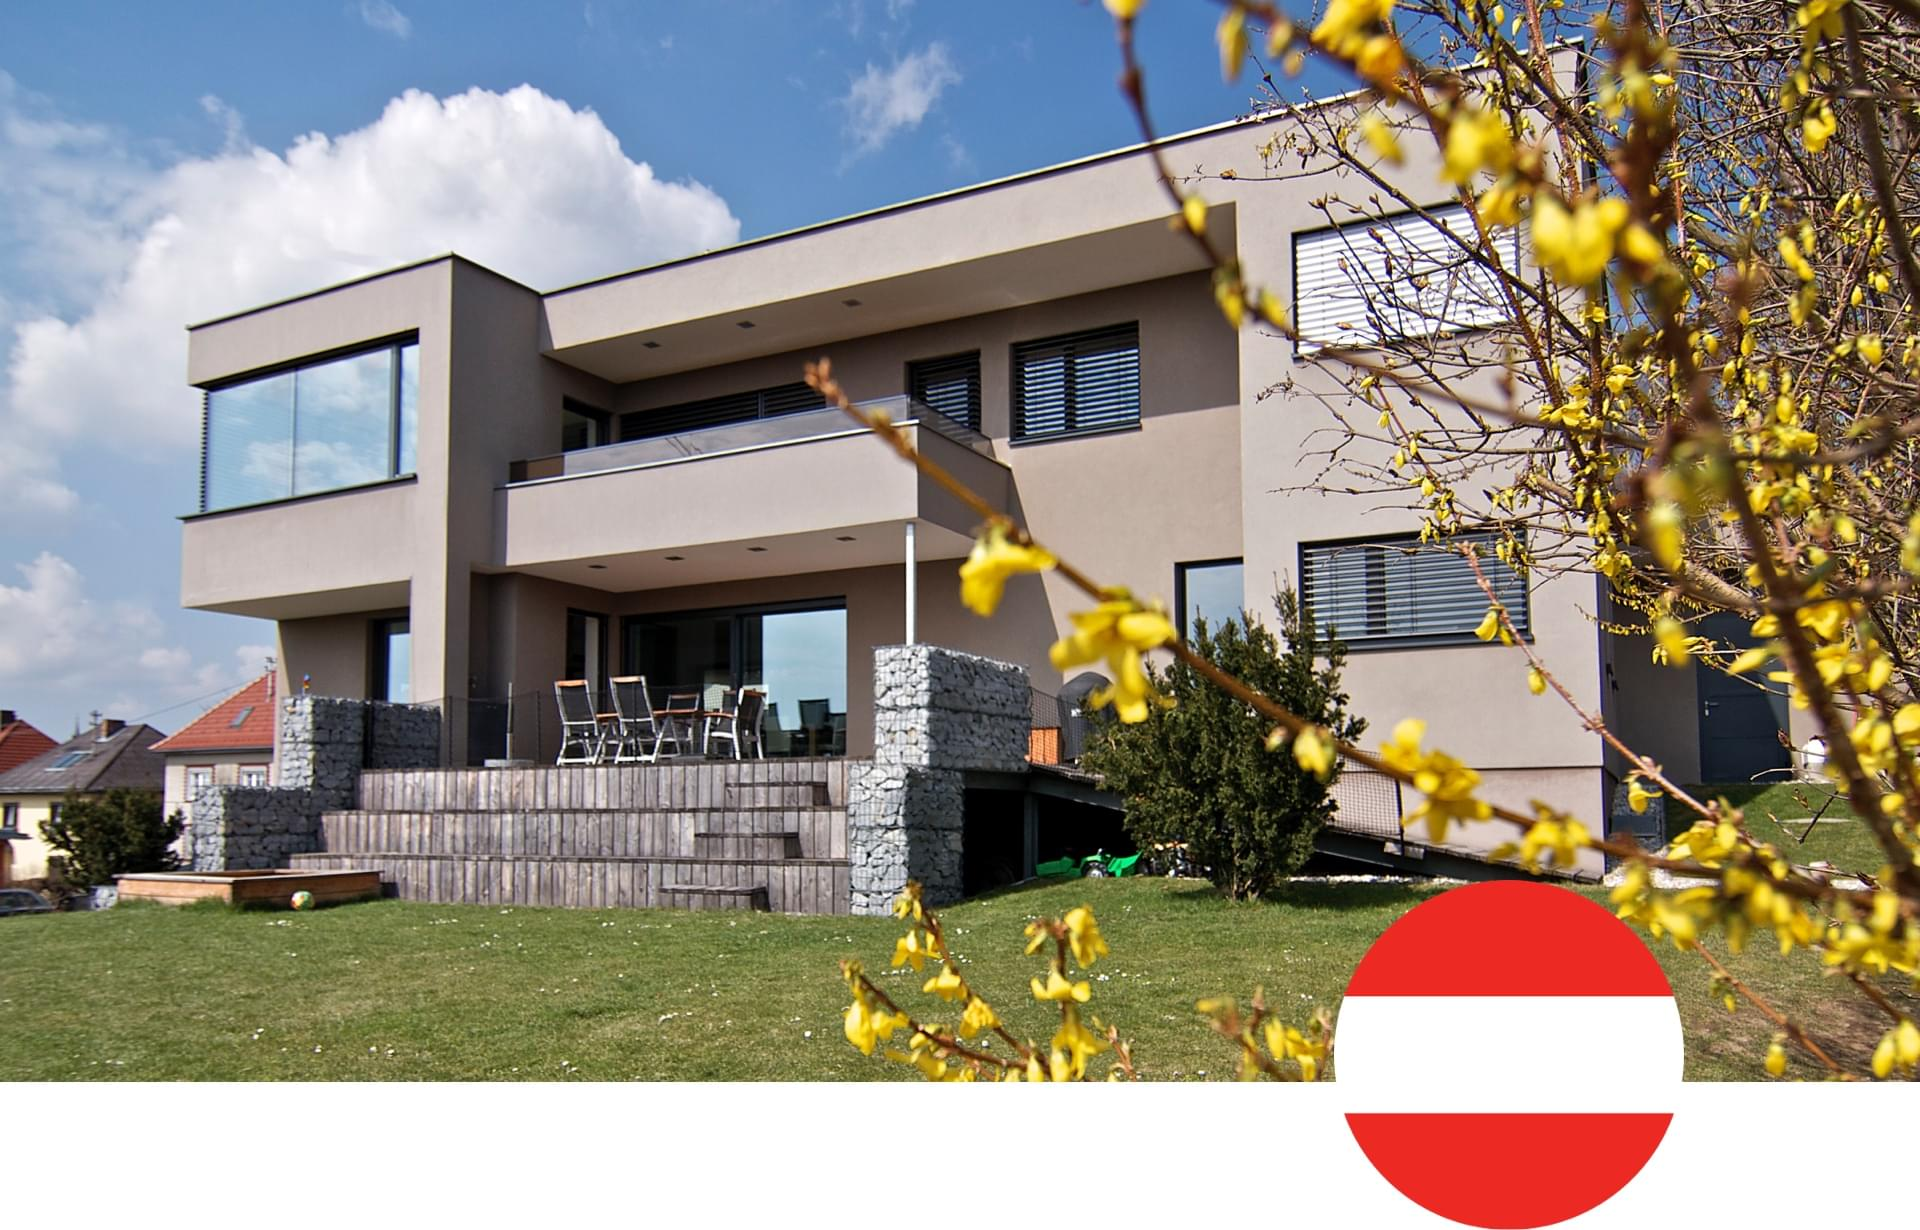 Wohnbauförderungen in Österreich